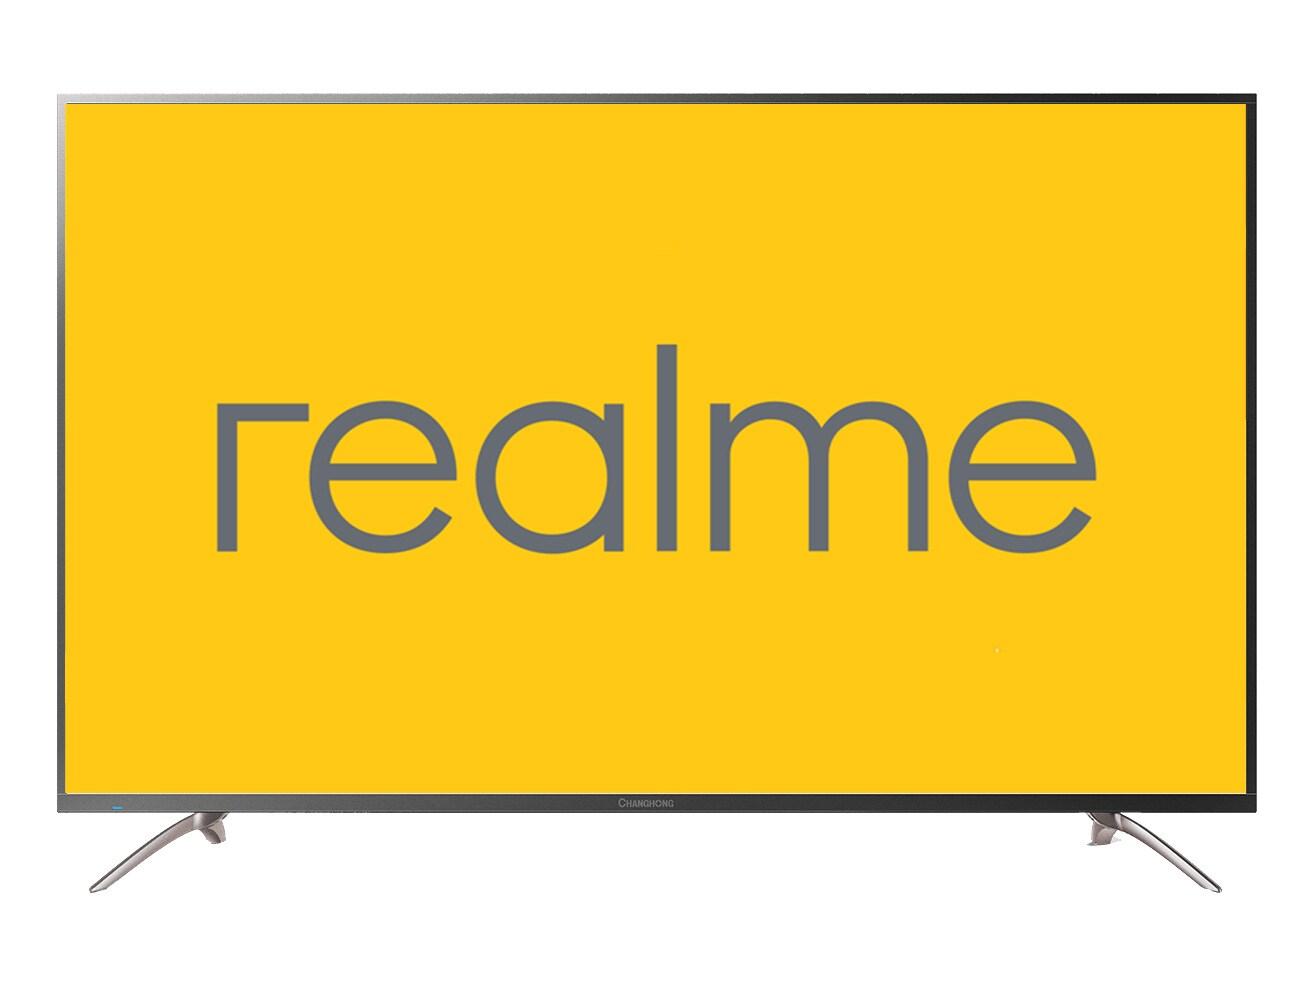 Realme स्मार्ट टीवी को गूगल सर्टिफिकेशन मिलने की खबर